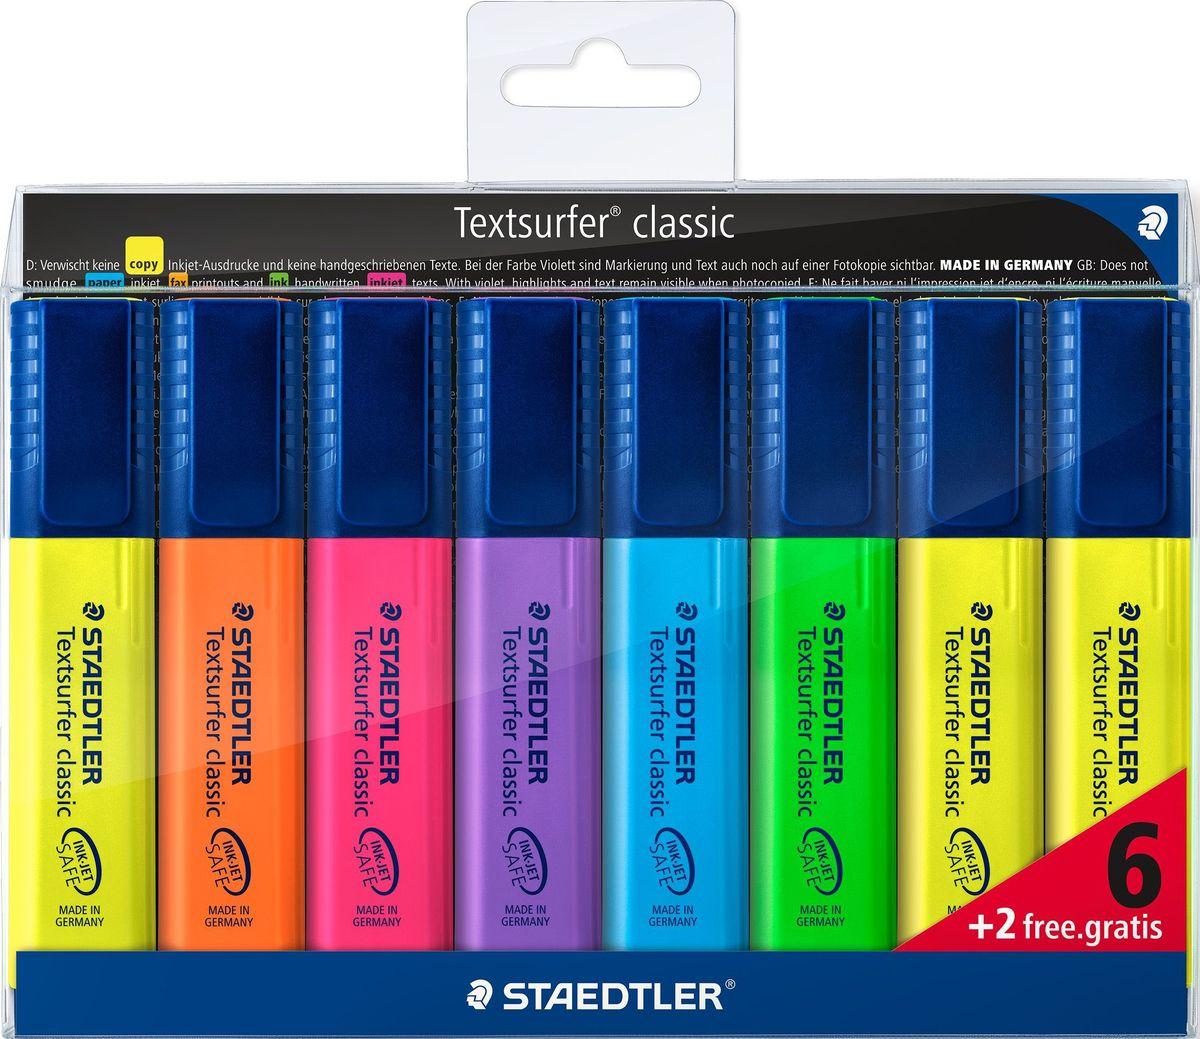 Staedtler Набор текстовыделителей Сlassic 364 6 шт + 2 шт бесплатно364AWP8Набор текcтовыделителей Staedtler Сlassic 364 состоит из 6 цветов + 2 цвета бесплатно. Такой набор подходит для копирования, для работы на бумаге, факсовой бумаге и копиях. Каждый текстовыделитель имеет скошенный пишущий узел и ультрамягкую кисточку. Большой объем чернил для экстра долгой службы. Быстро высыхает, слабый запах. Безопасно для струйных принтеров - не смазывает распечатки и написанный текст. Корпус и колпачок из полипропилена гарантируют долгий срок службы.Безопасно для самолетов - автоматическое выравнивание давления предотвращает от вытекания чернил на борту самолета.